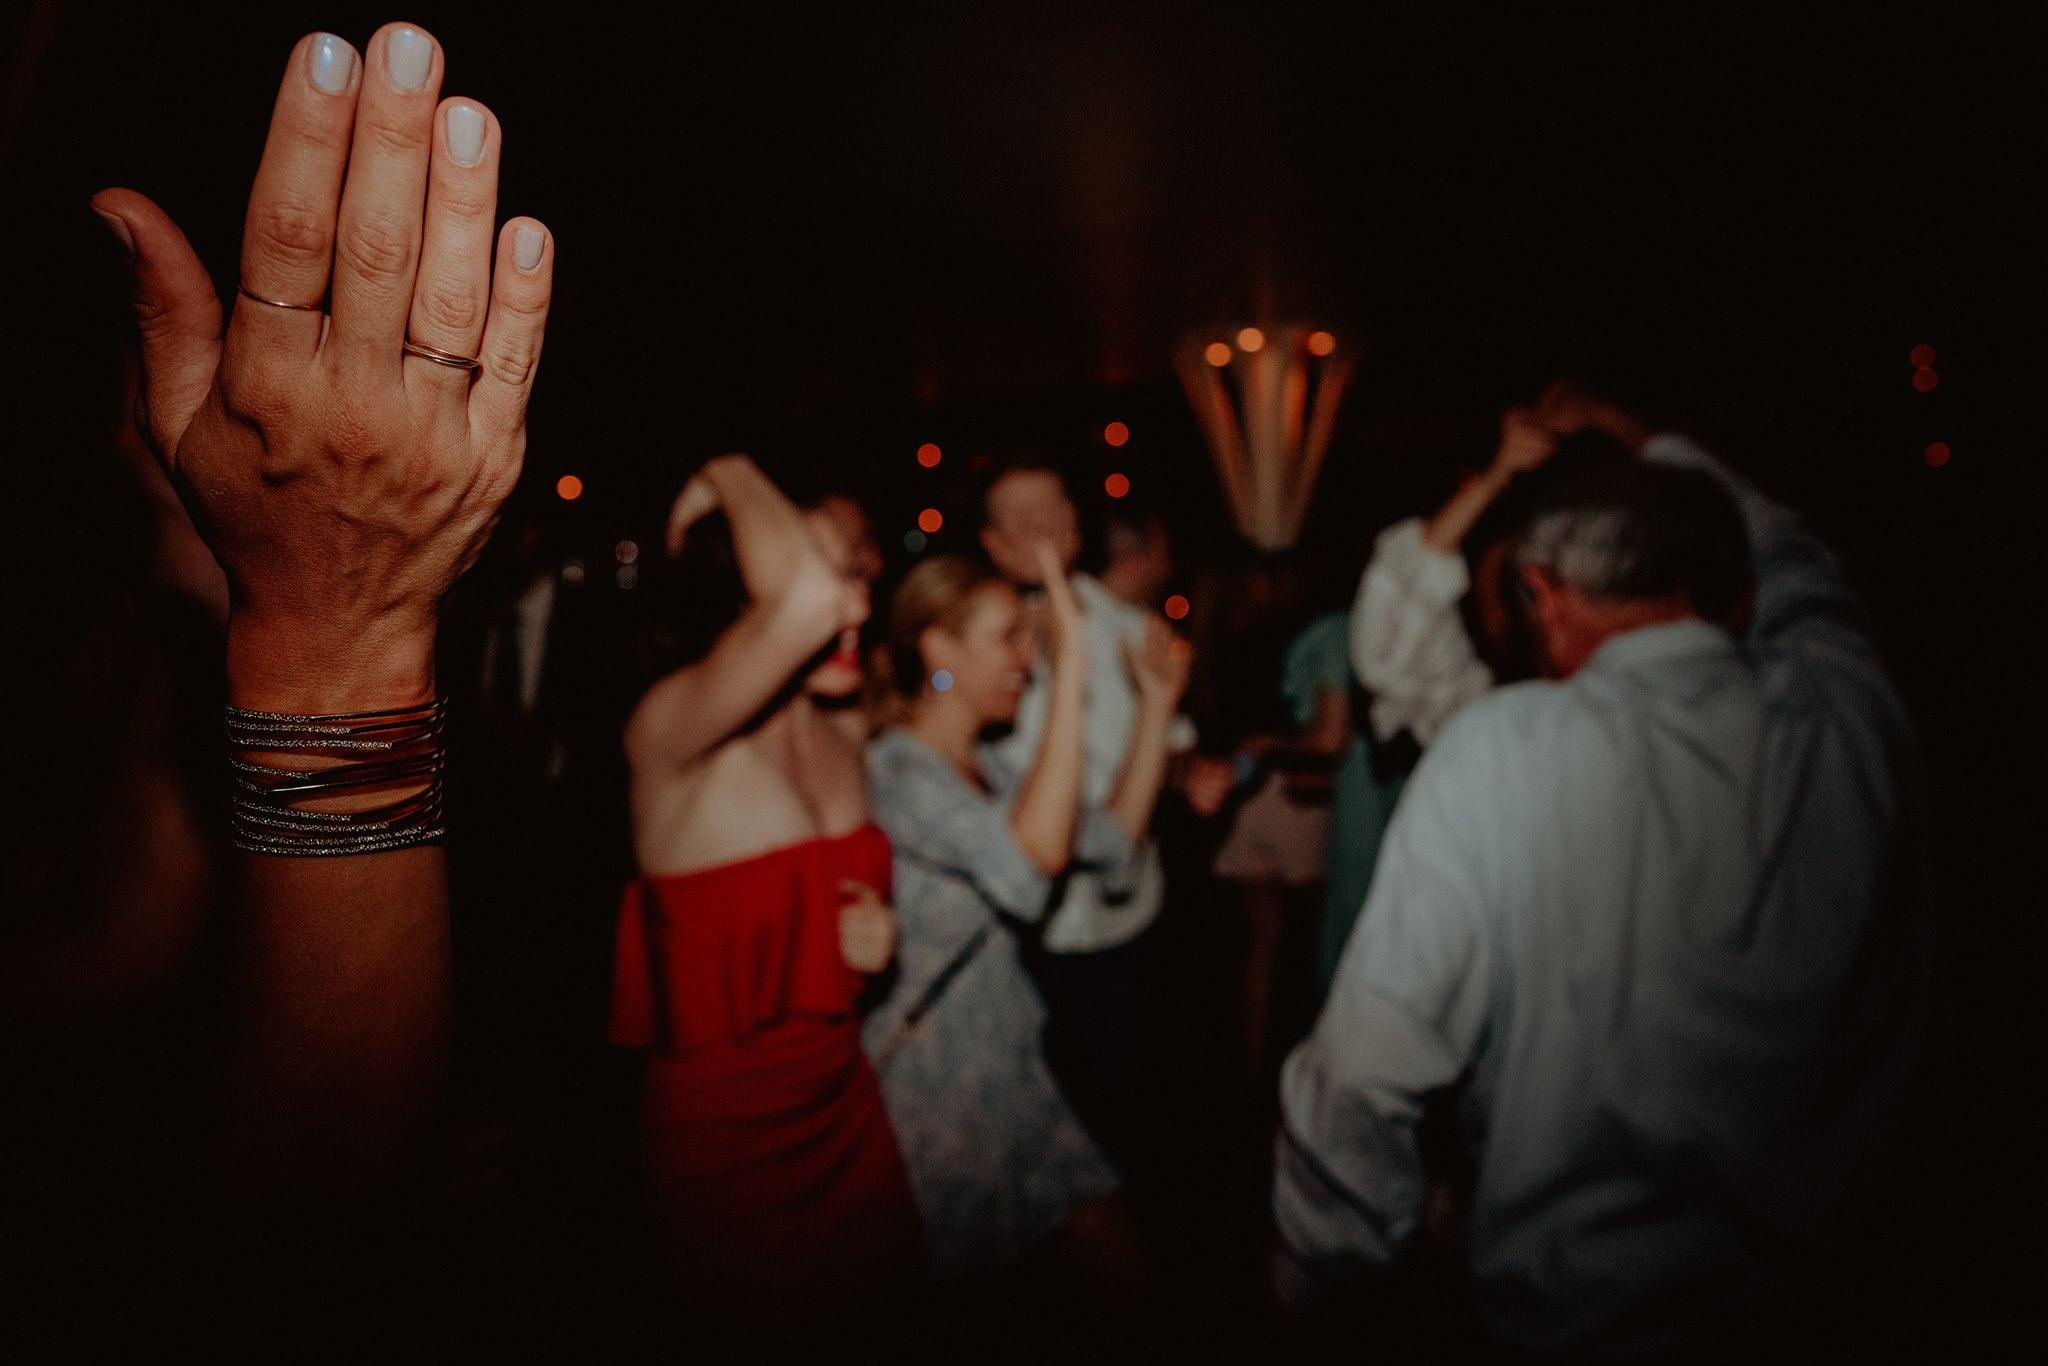 Chellise_Michael_Photography_Ramona_Brooklyn_Wedding_Photographer-915.jpg